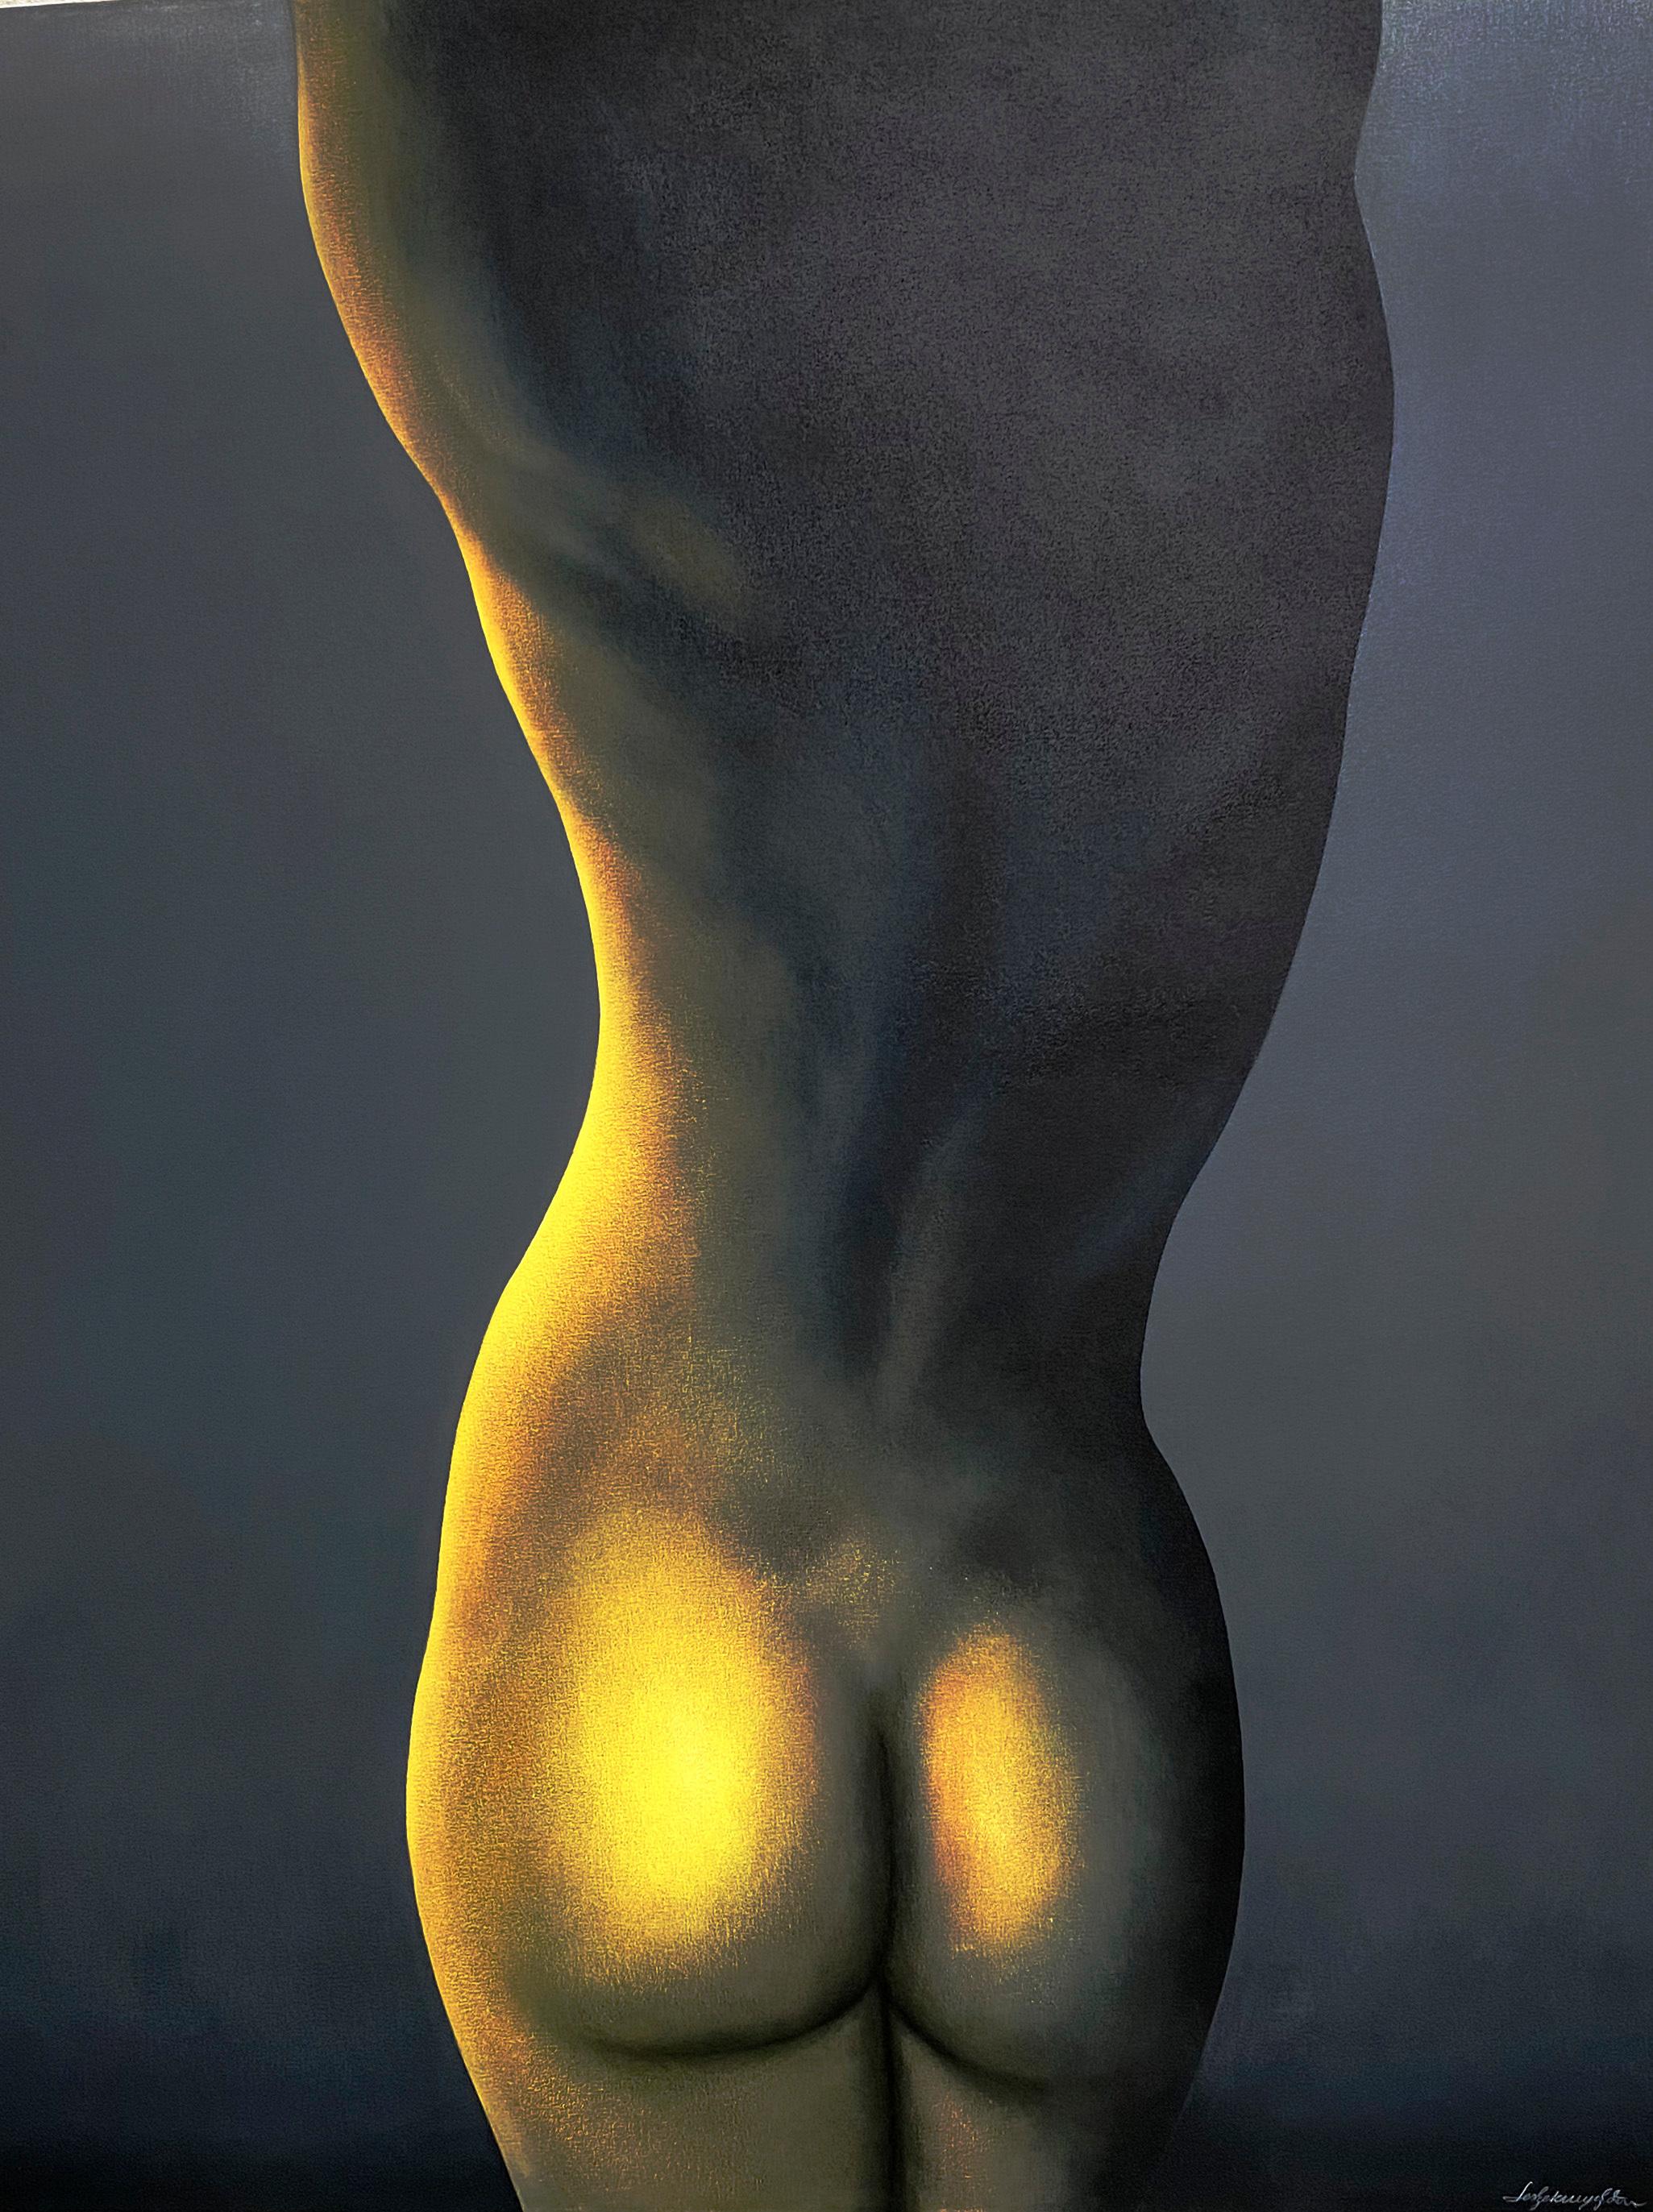 Leszek wyczolkowski le femme oil on canvas 48 x 60 9500. pxassp